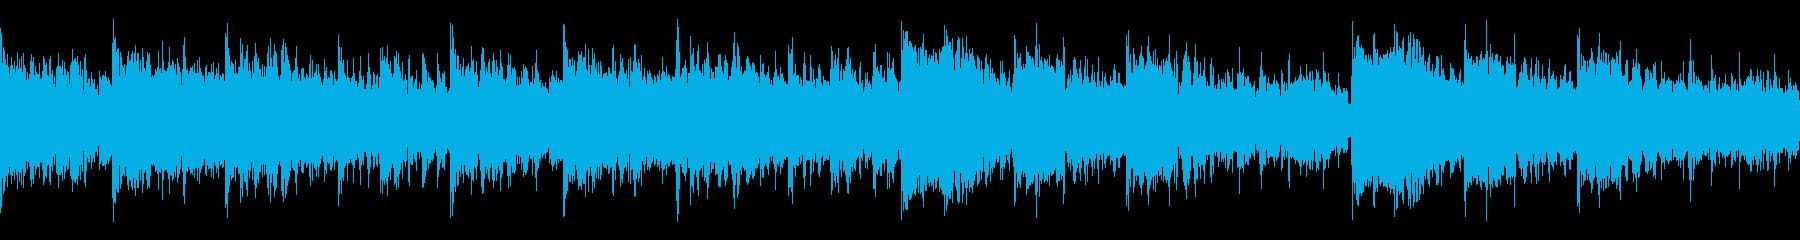 ミッドテンポのブラシドラム、アコー...の再生済みの波形